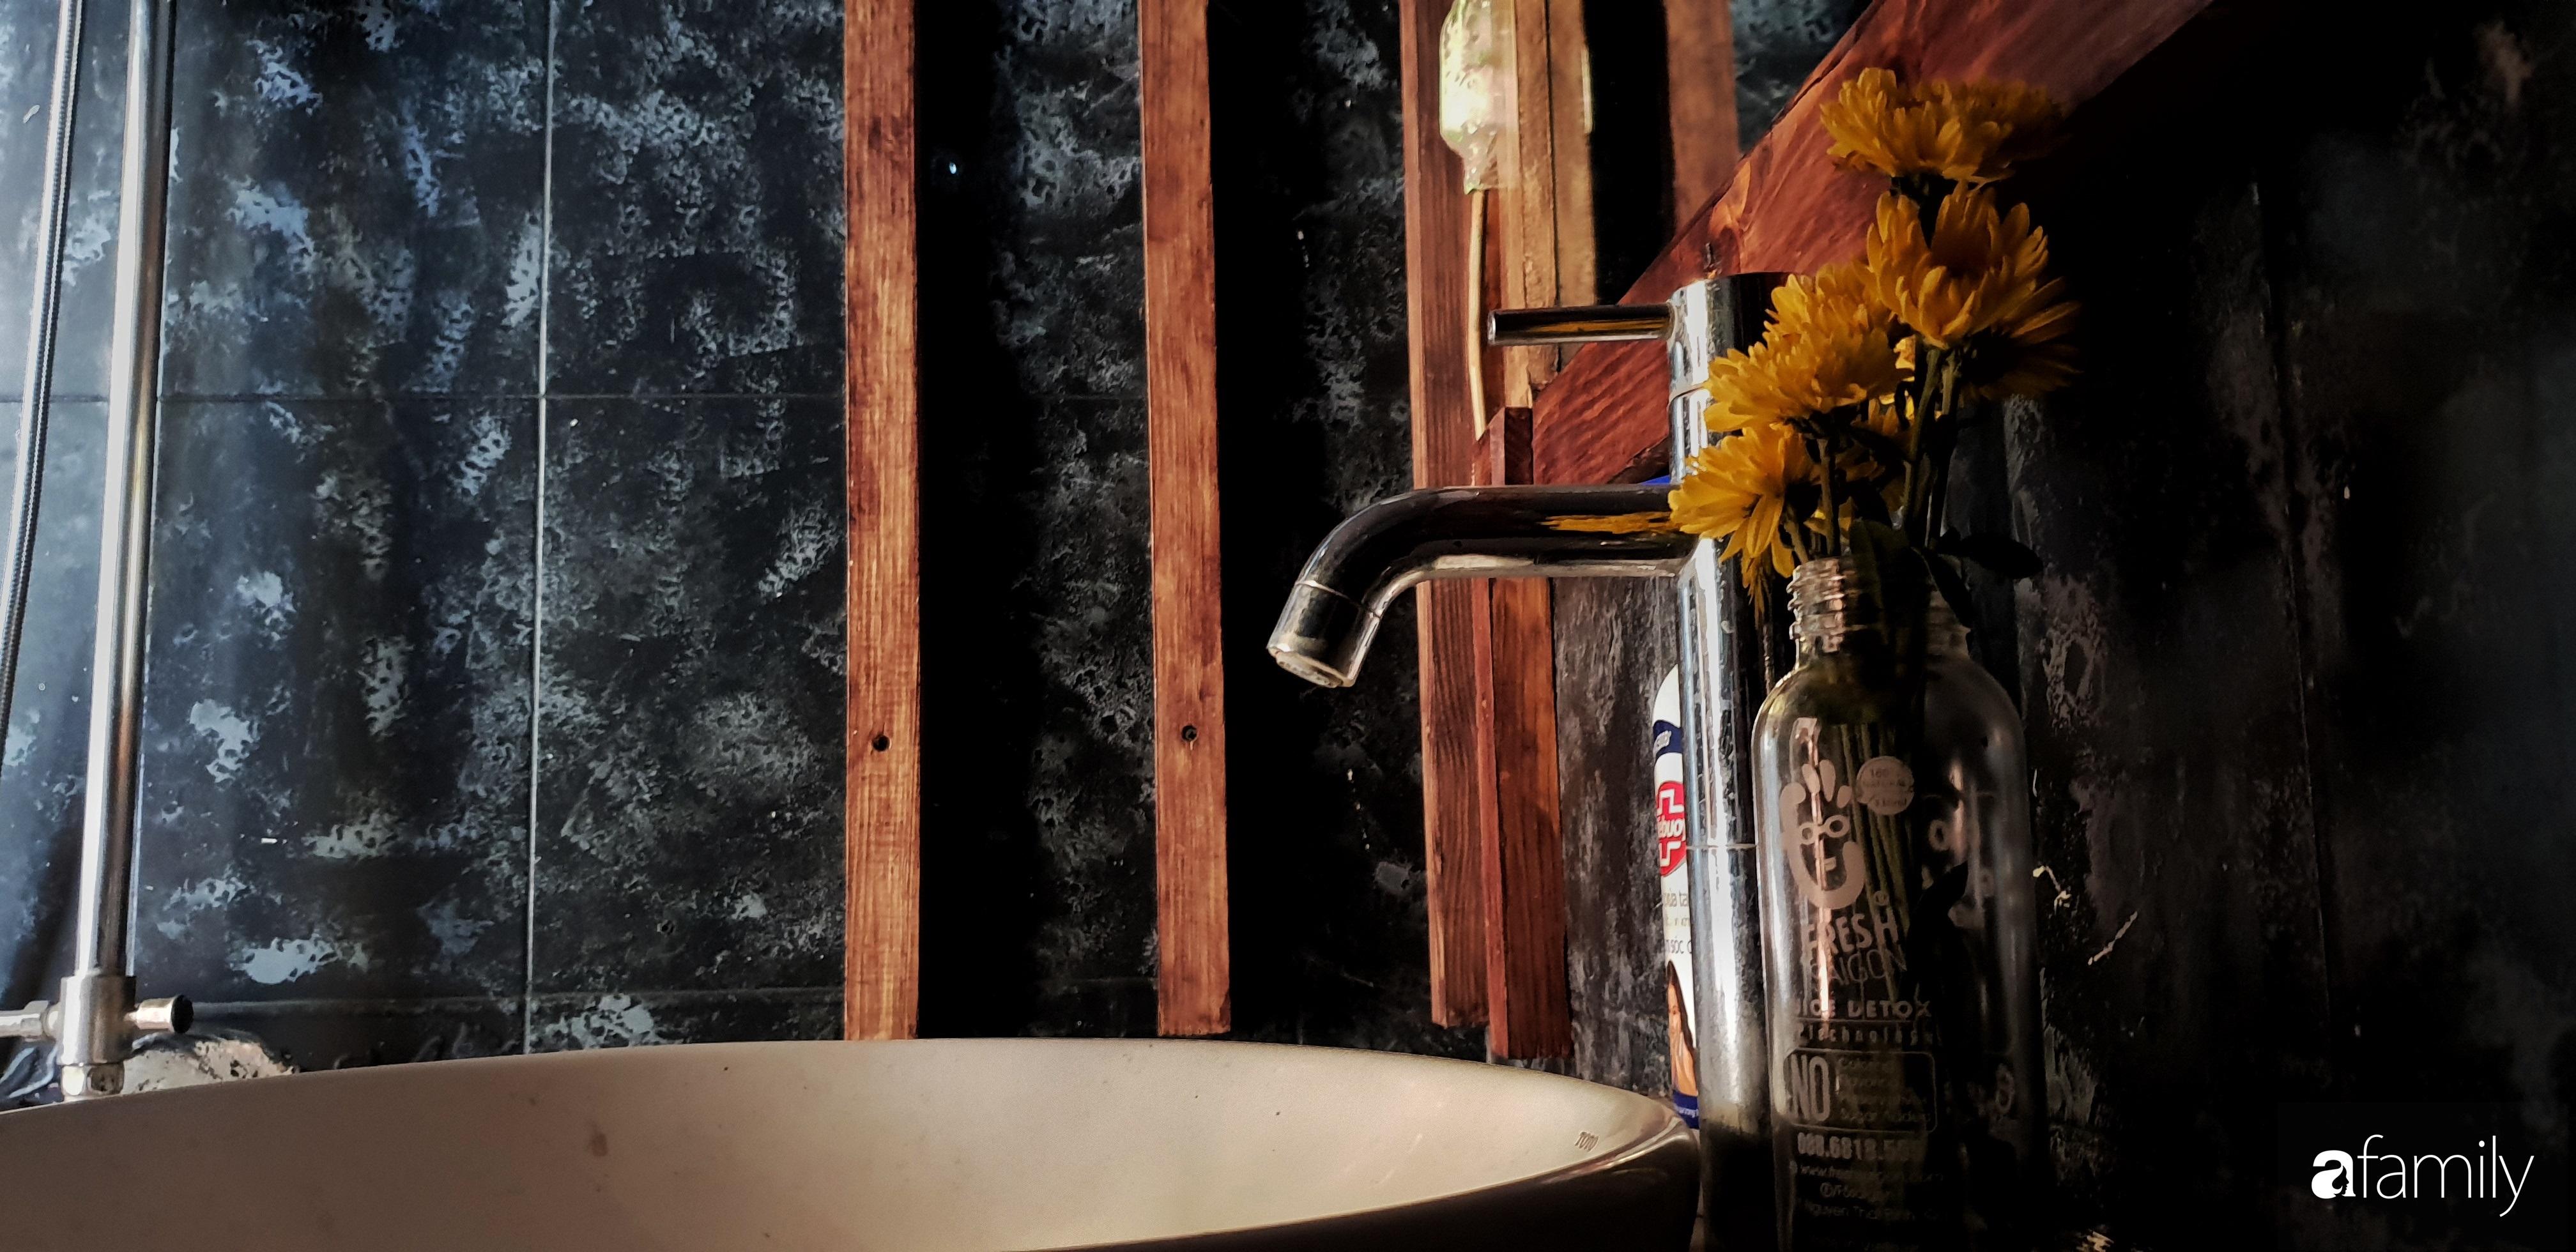 Chàng trai miền Trung biến nhà kho cũ thành ngôi nhà hạnh phúc đẹp lãng mạn cho hai vợ chồng - Ảnh 14.